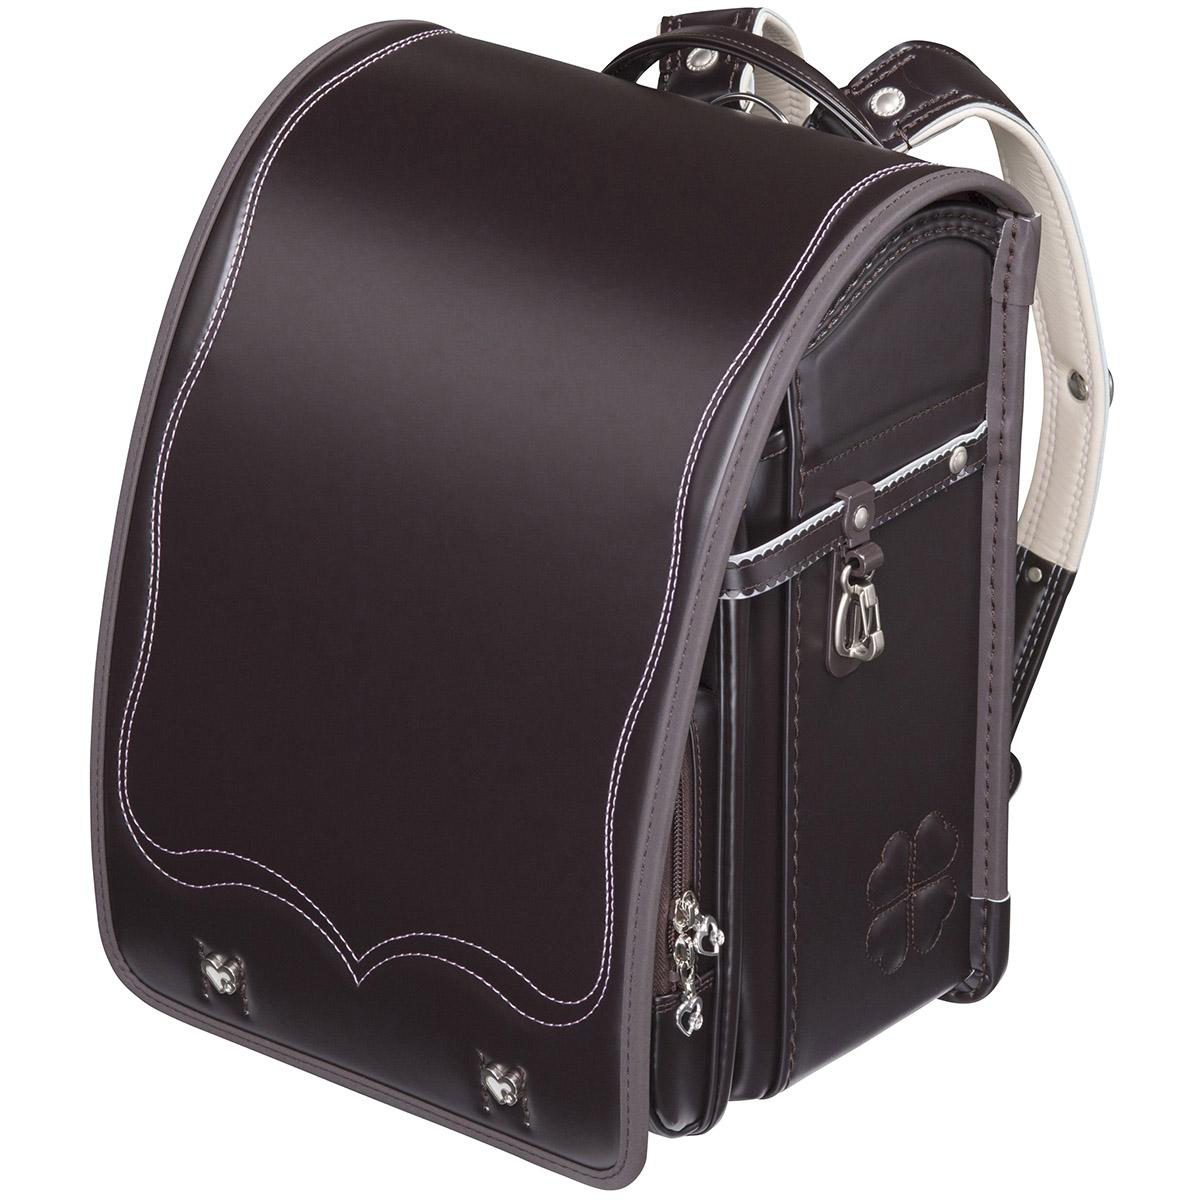 プレミアムフィットちゃんランドセル プレミアムゴールド安ピカッタイプ(FIT-207AZ) A4フラットファイル収納サイズ